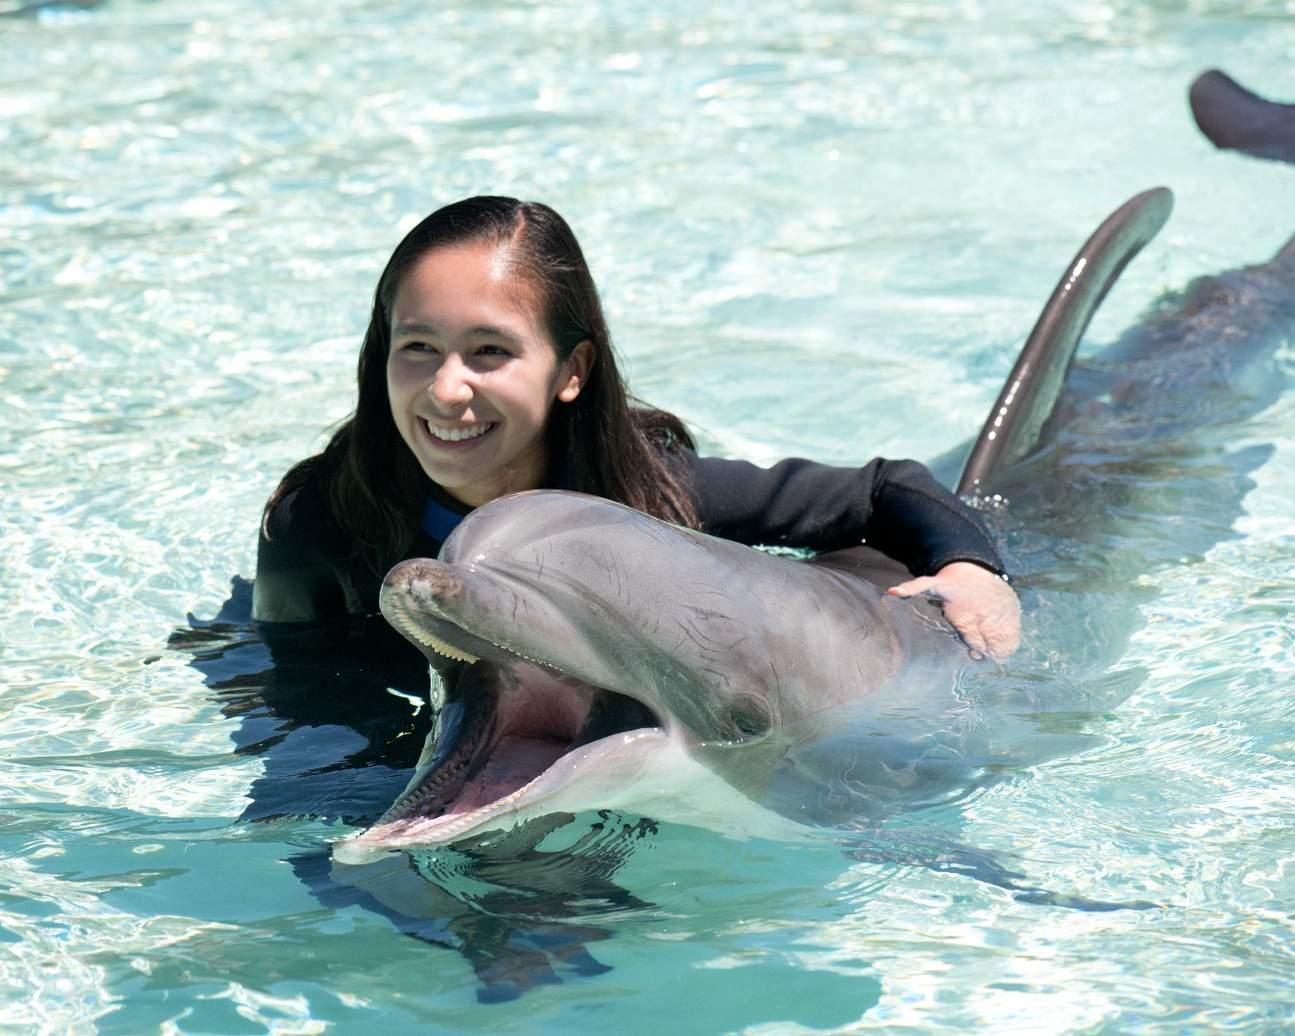 圣地亚哥海洋公园,圣地亚哥海洋公园海豚,圣地亚哥海洋公园互动,圣地亚哥海洋公园特色体验